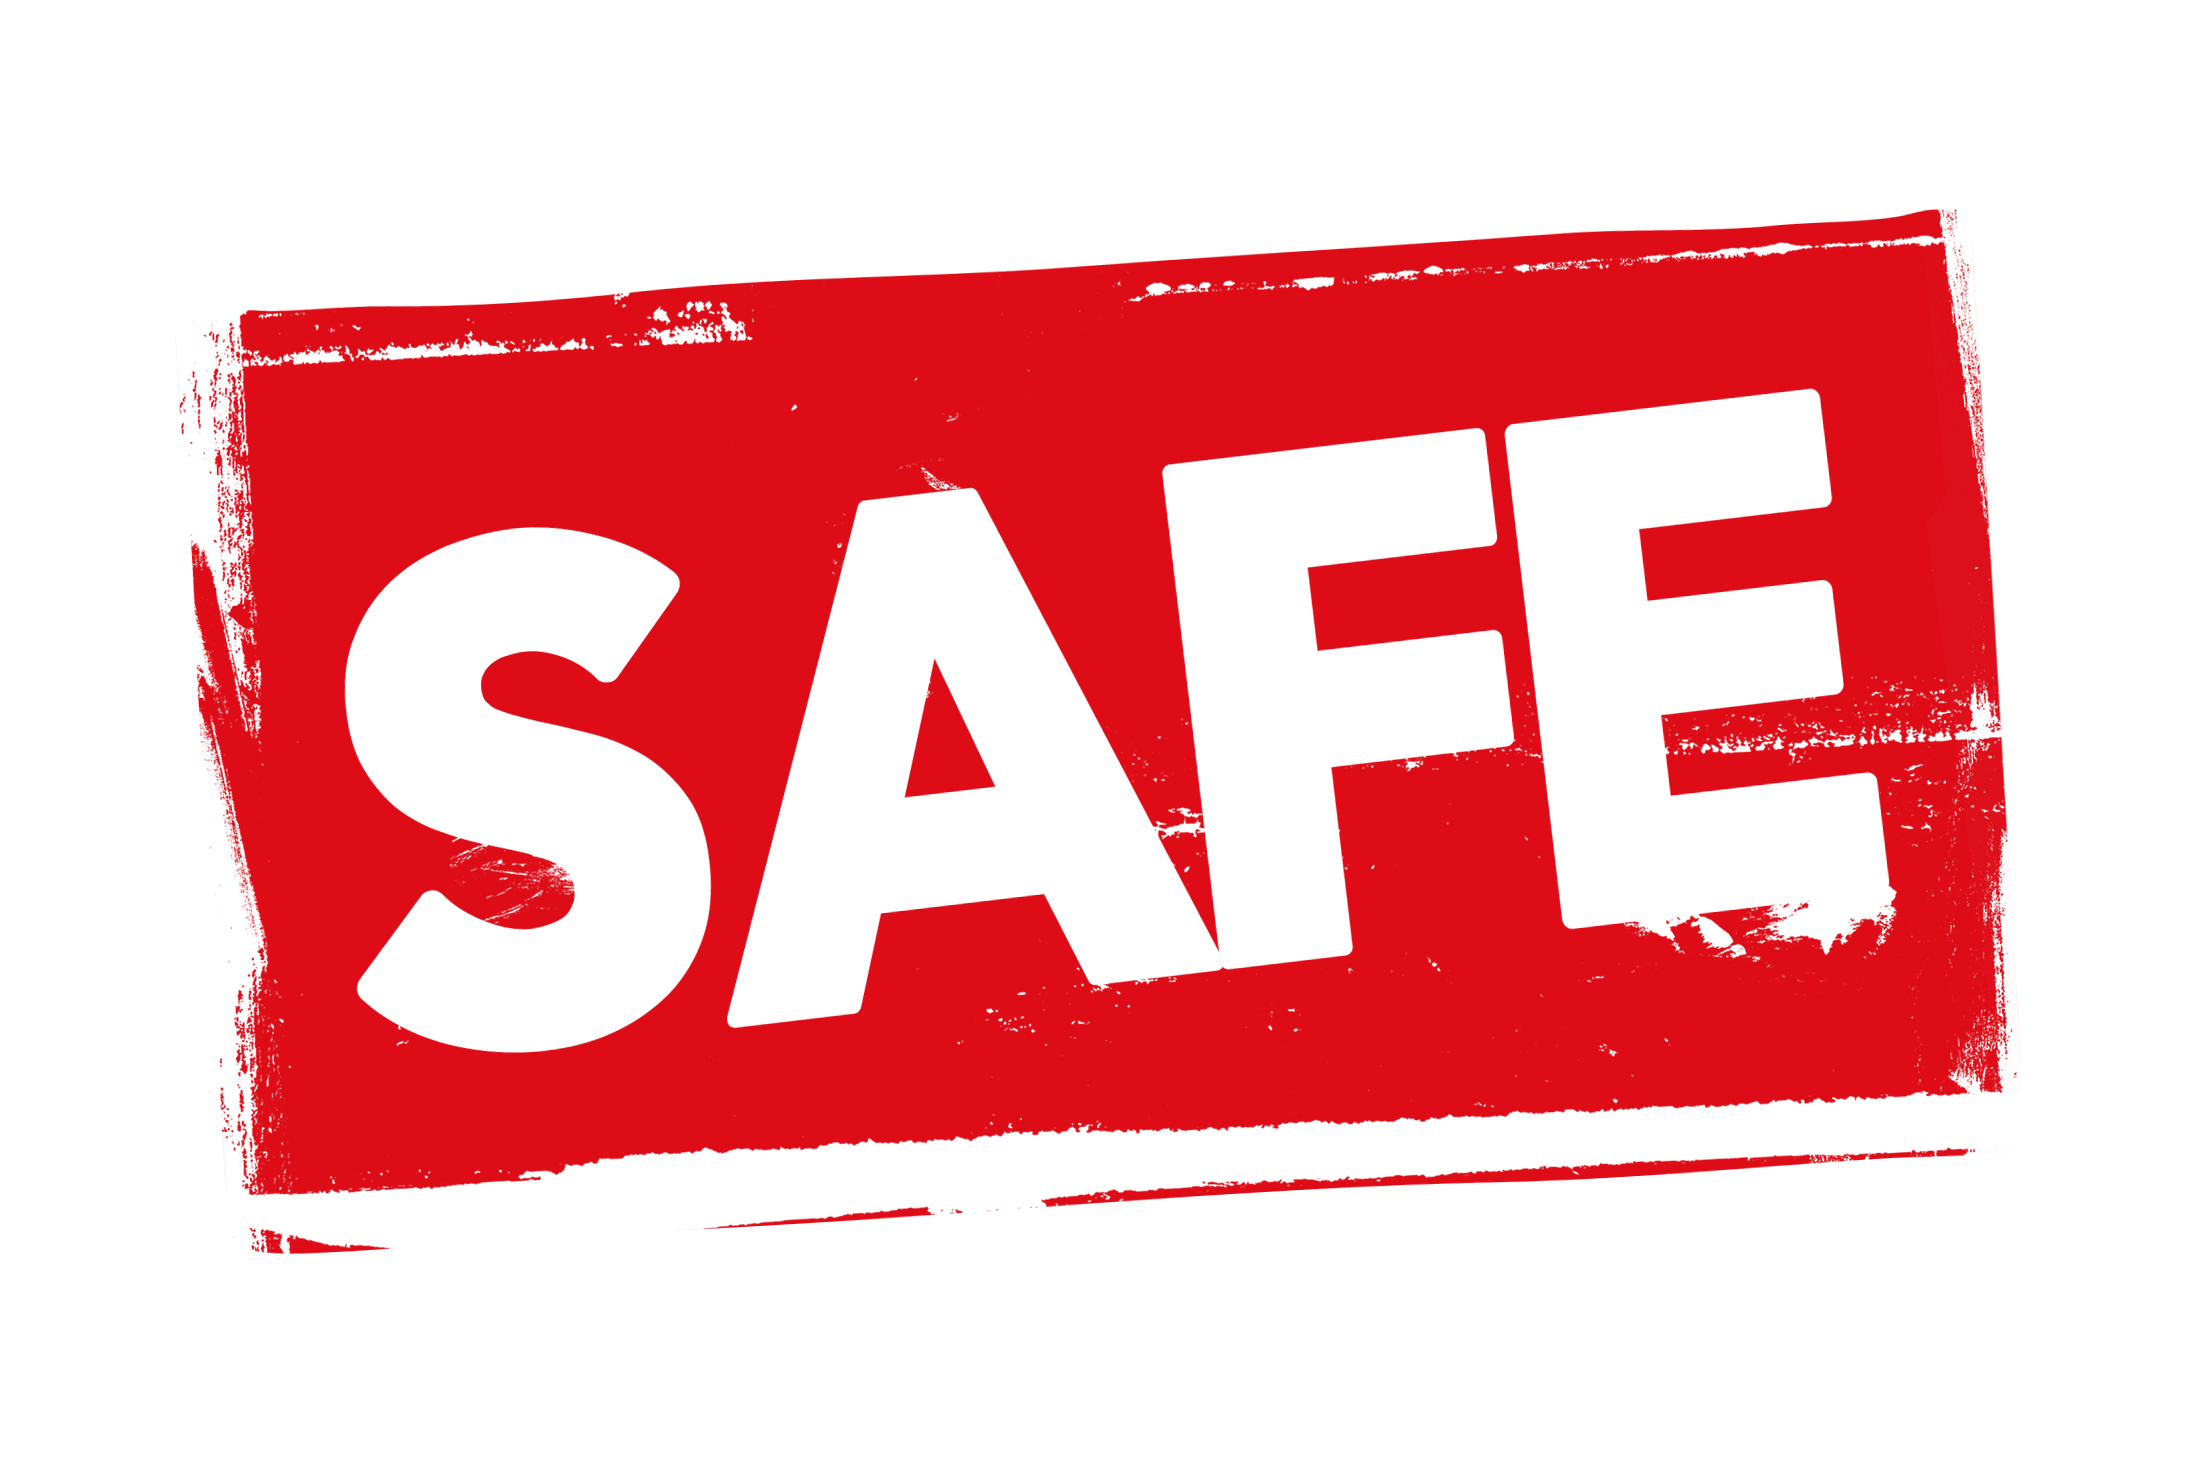 Grunge safe label PSD